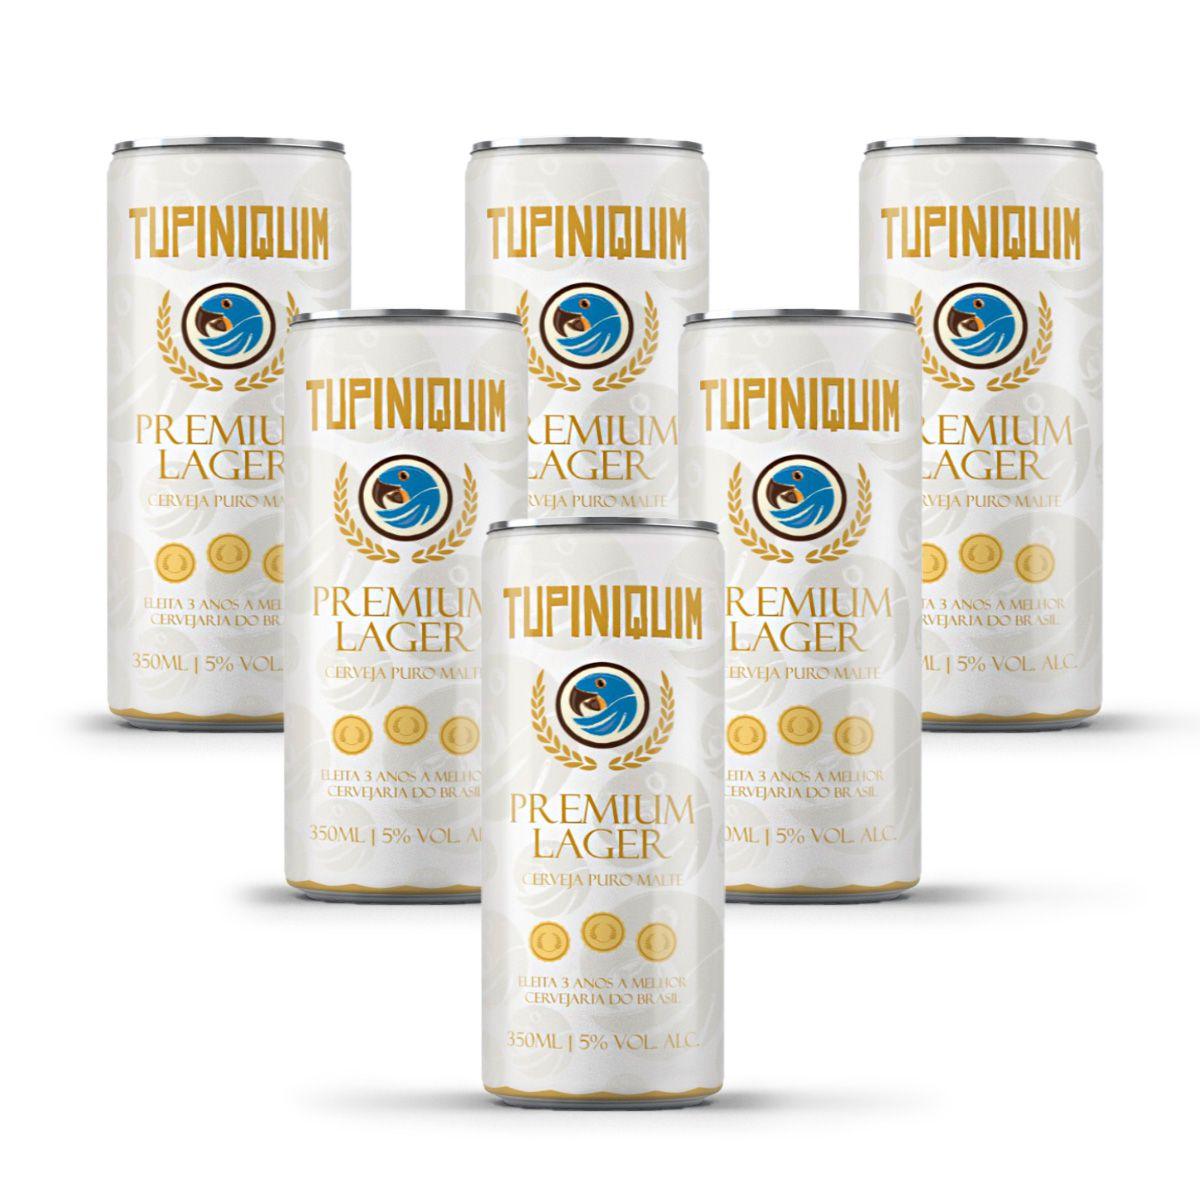 Pack Tupiniquim Premium Lager 6 cervejas 350ml